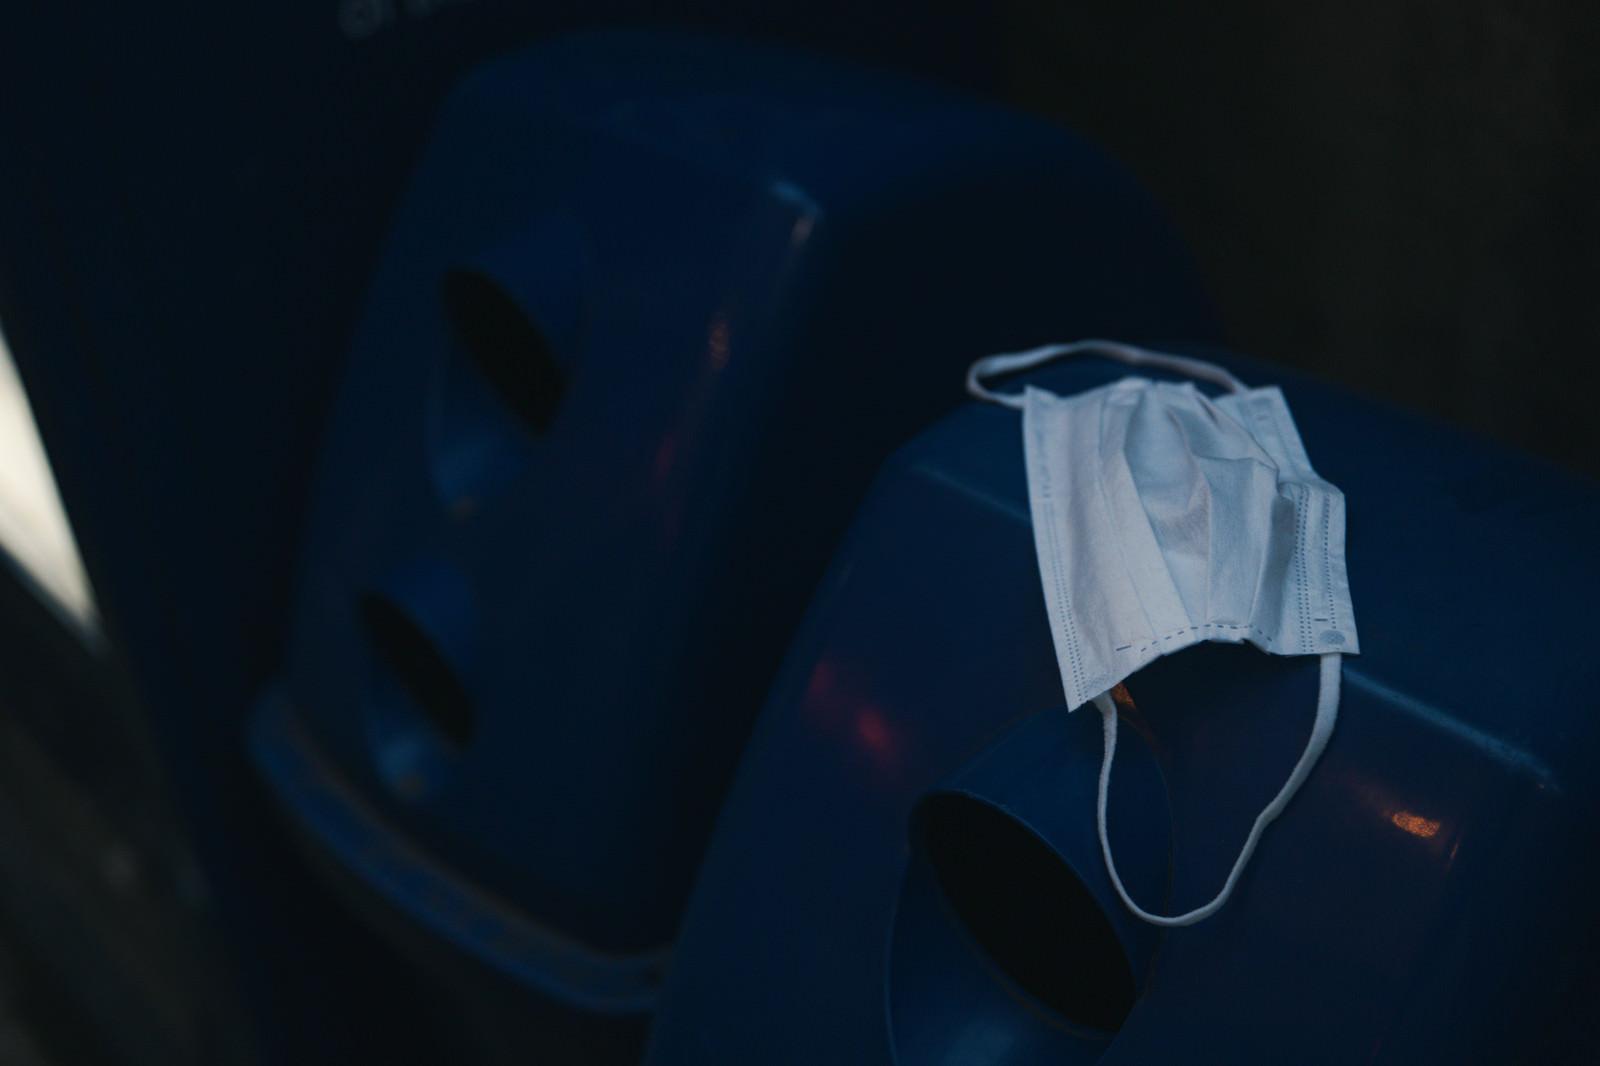 「空き缶用のゴミ箱にポイ捨てされたマスク」の写真